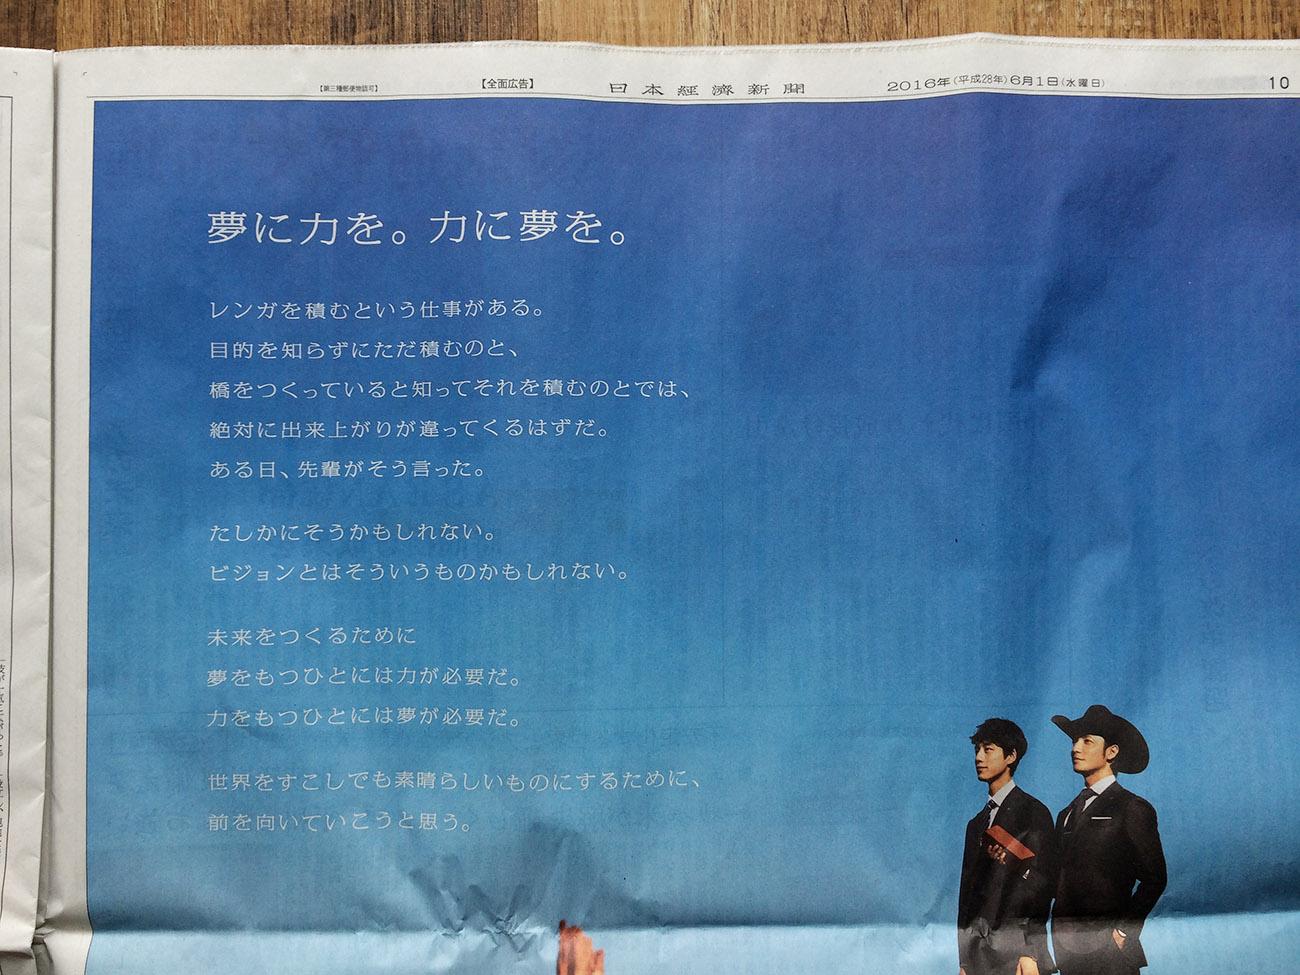 20160601_yumenichikarawo_c